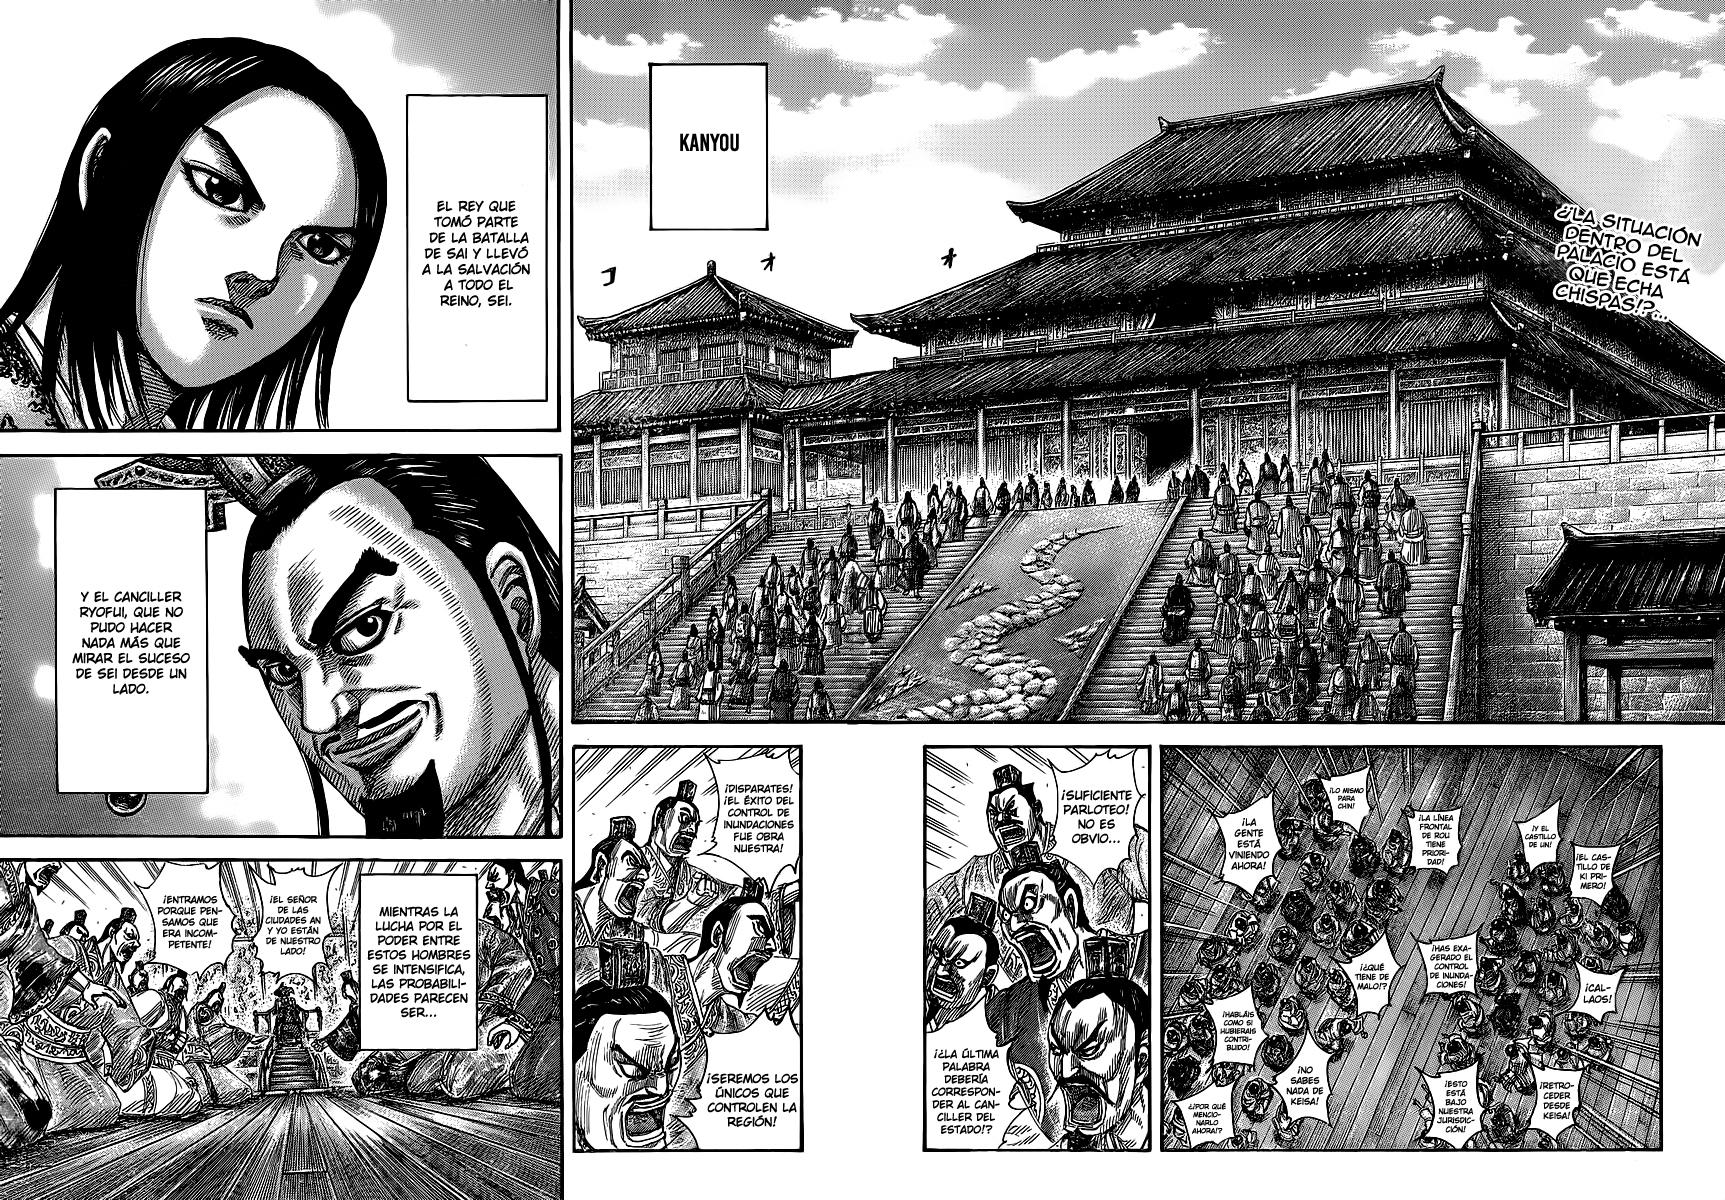 http://c5.ninemanga.com/es_manga/19/12307/363832/50a8c00e36fc43f88769fac6933ed70c.jpg Page 3